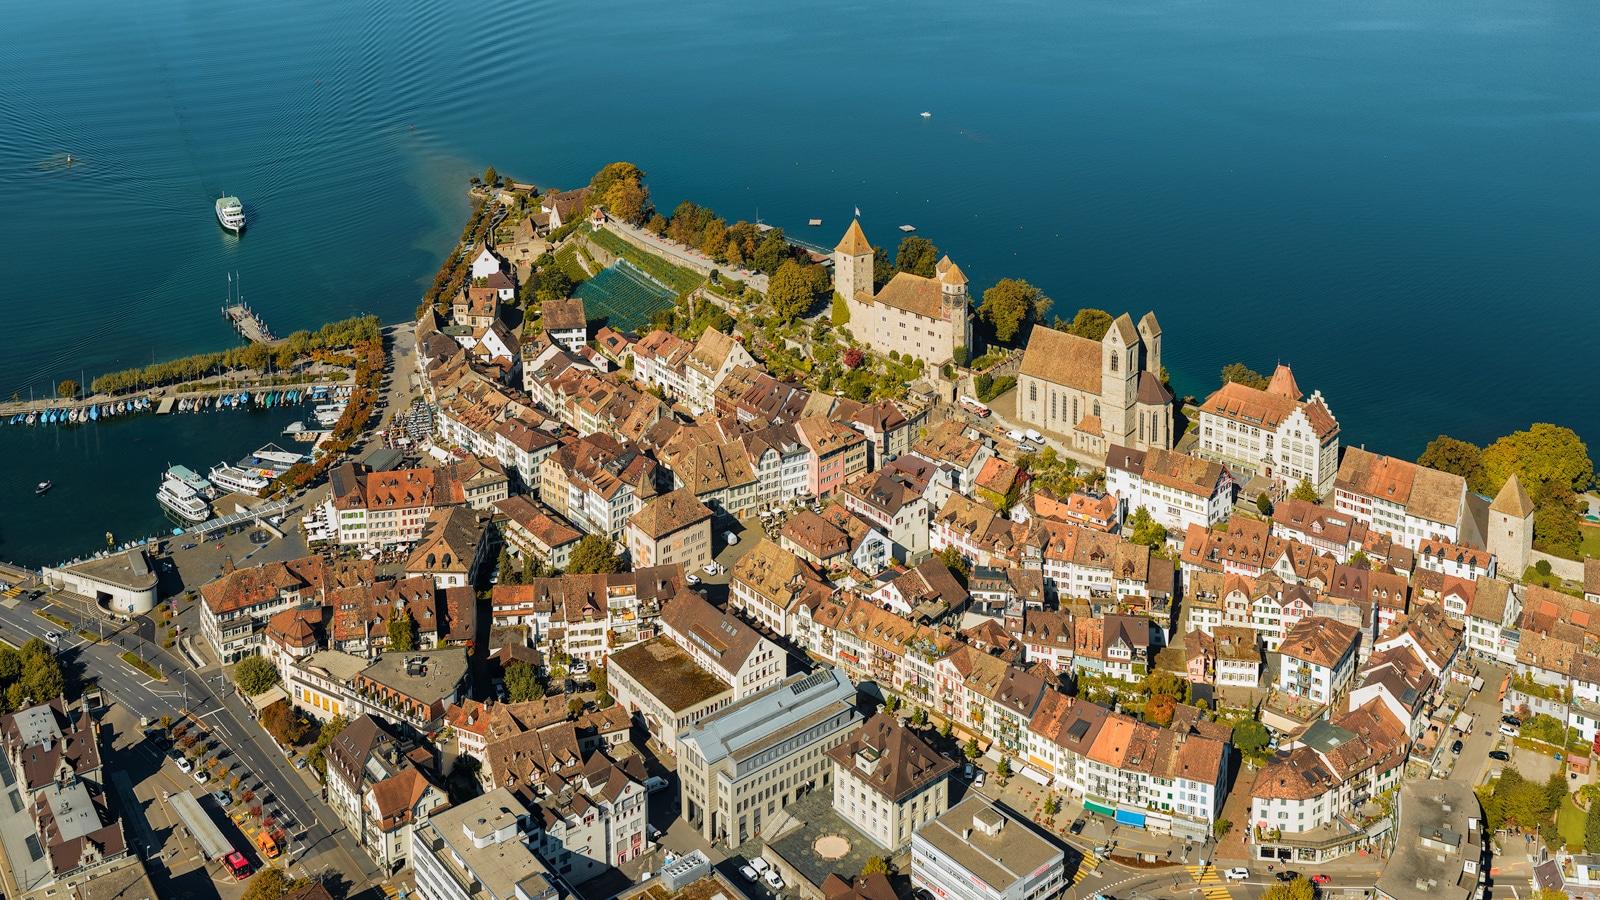 Luftaufnahme Rapperswil-Jona - Stadtkern mit Schloss Rapperswil